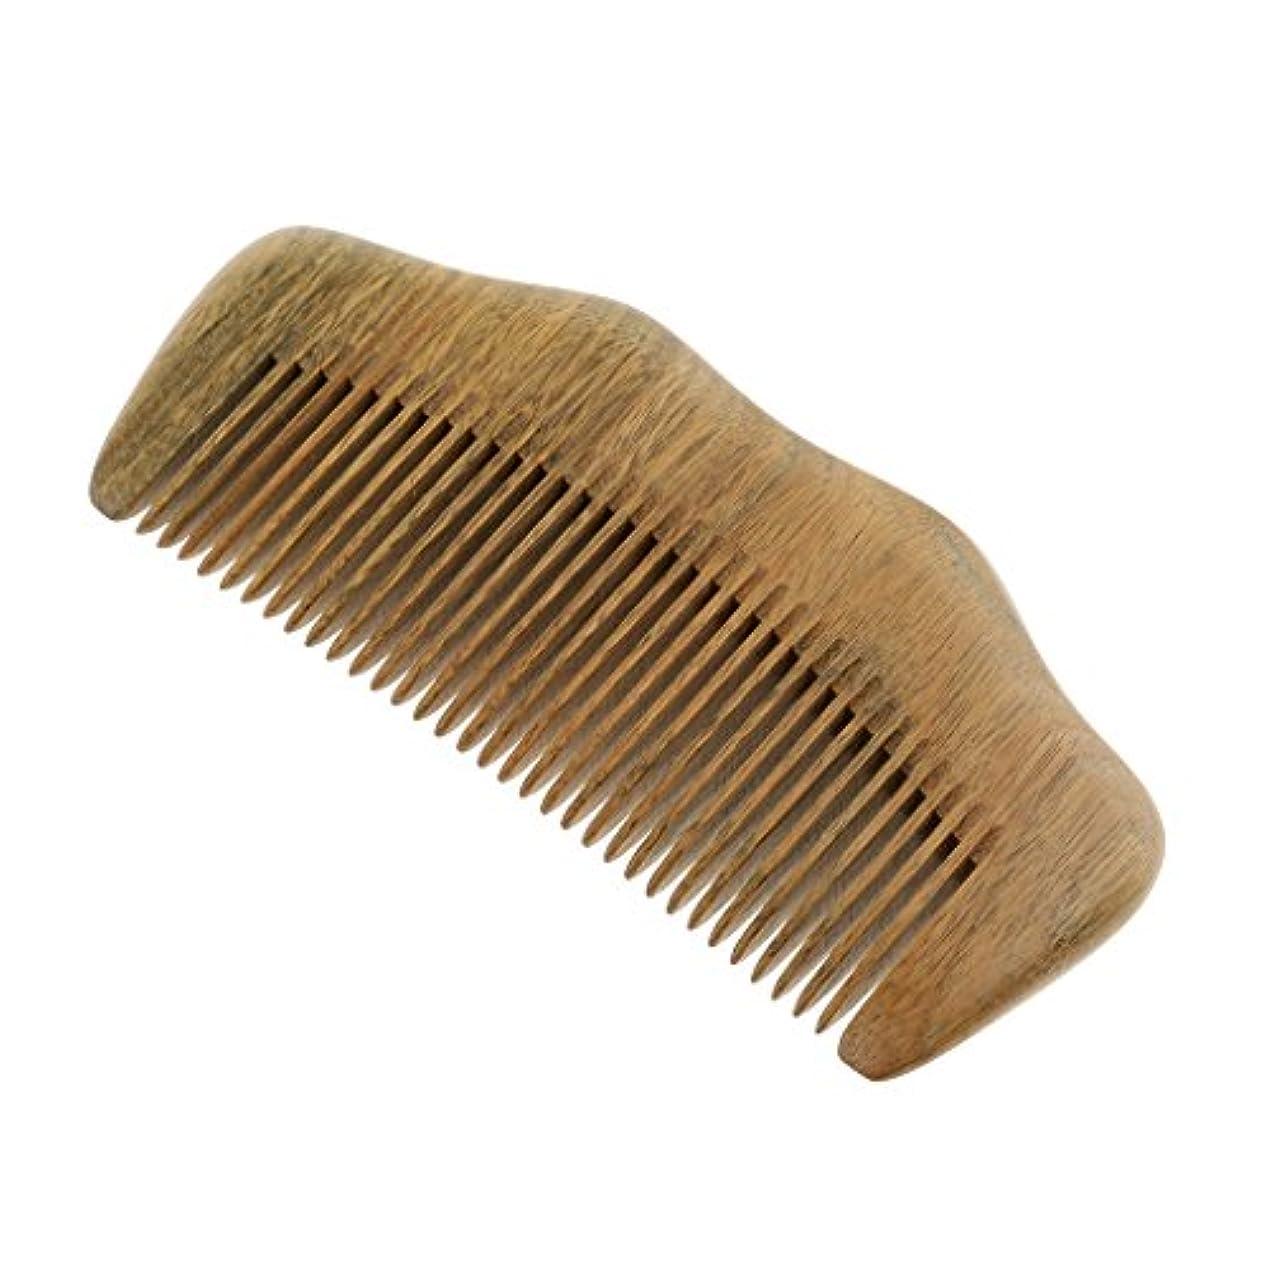 スモッグ征服誓いT TOOYFUL ウッドヘアコーム 自然な木 櫛 ヘアケア マッサージ 細かい歯 静電気防止 滑らか